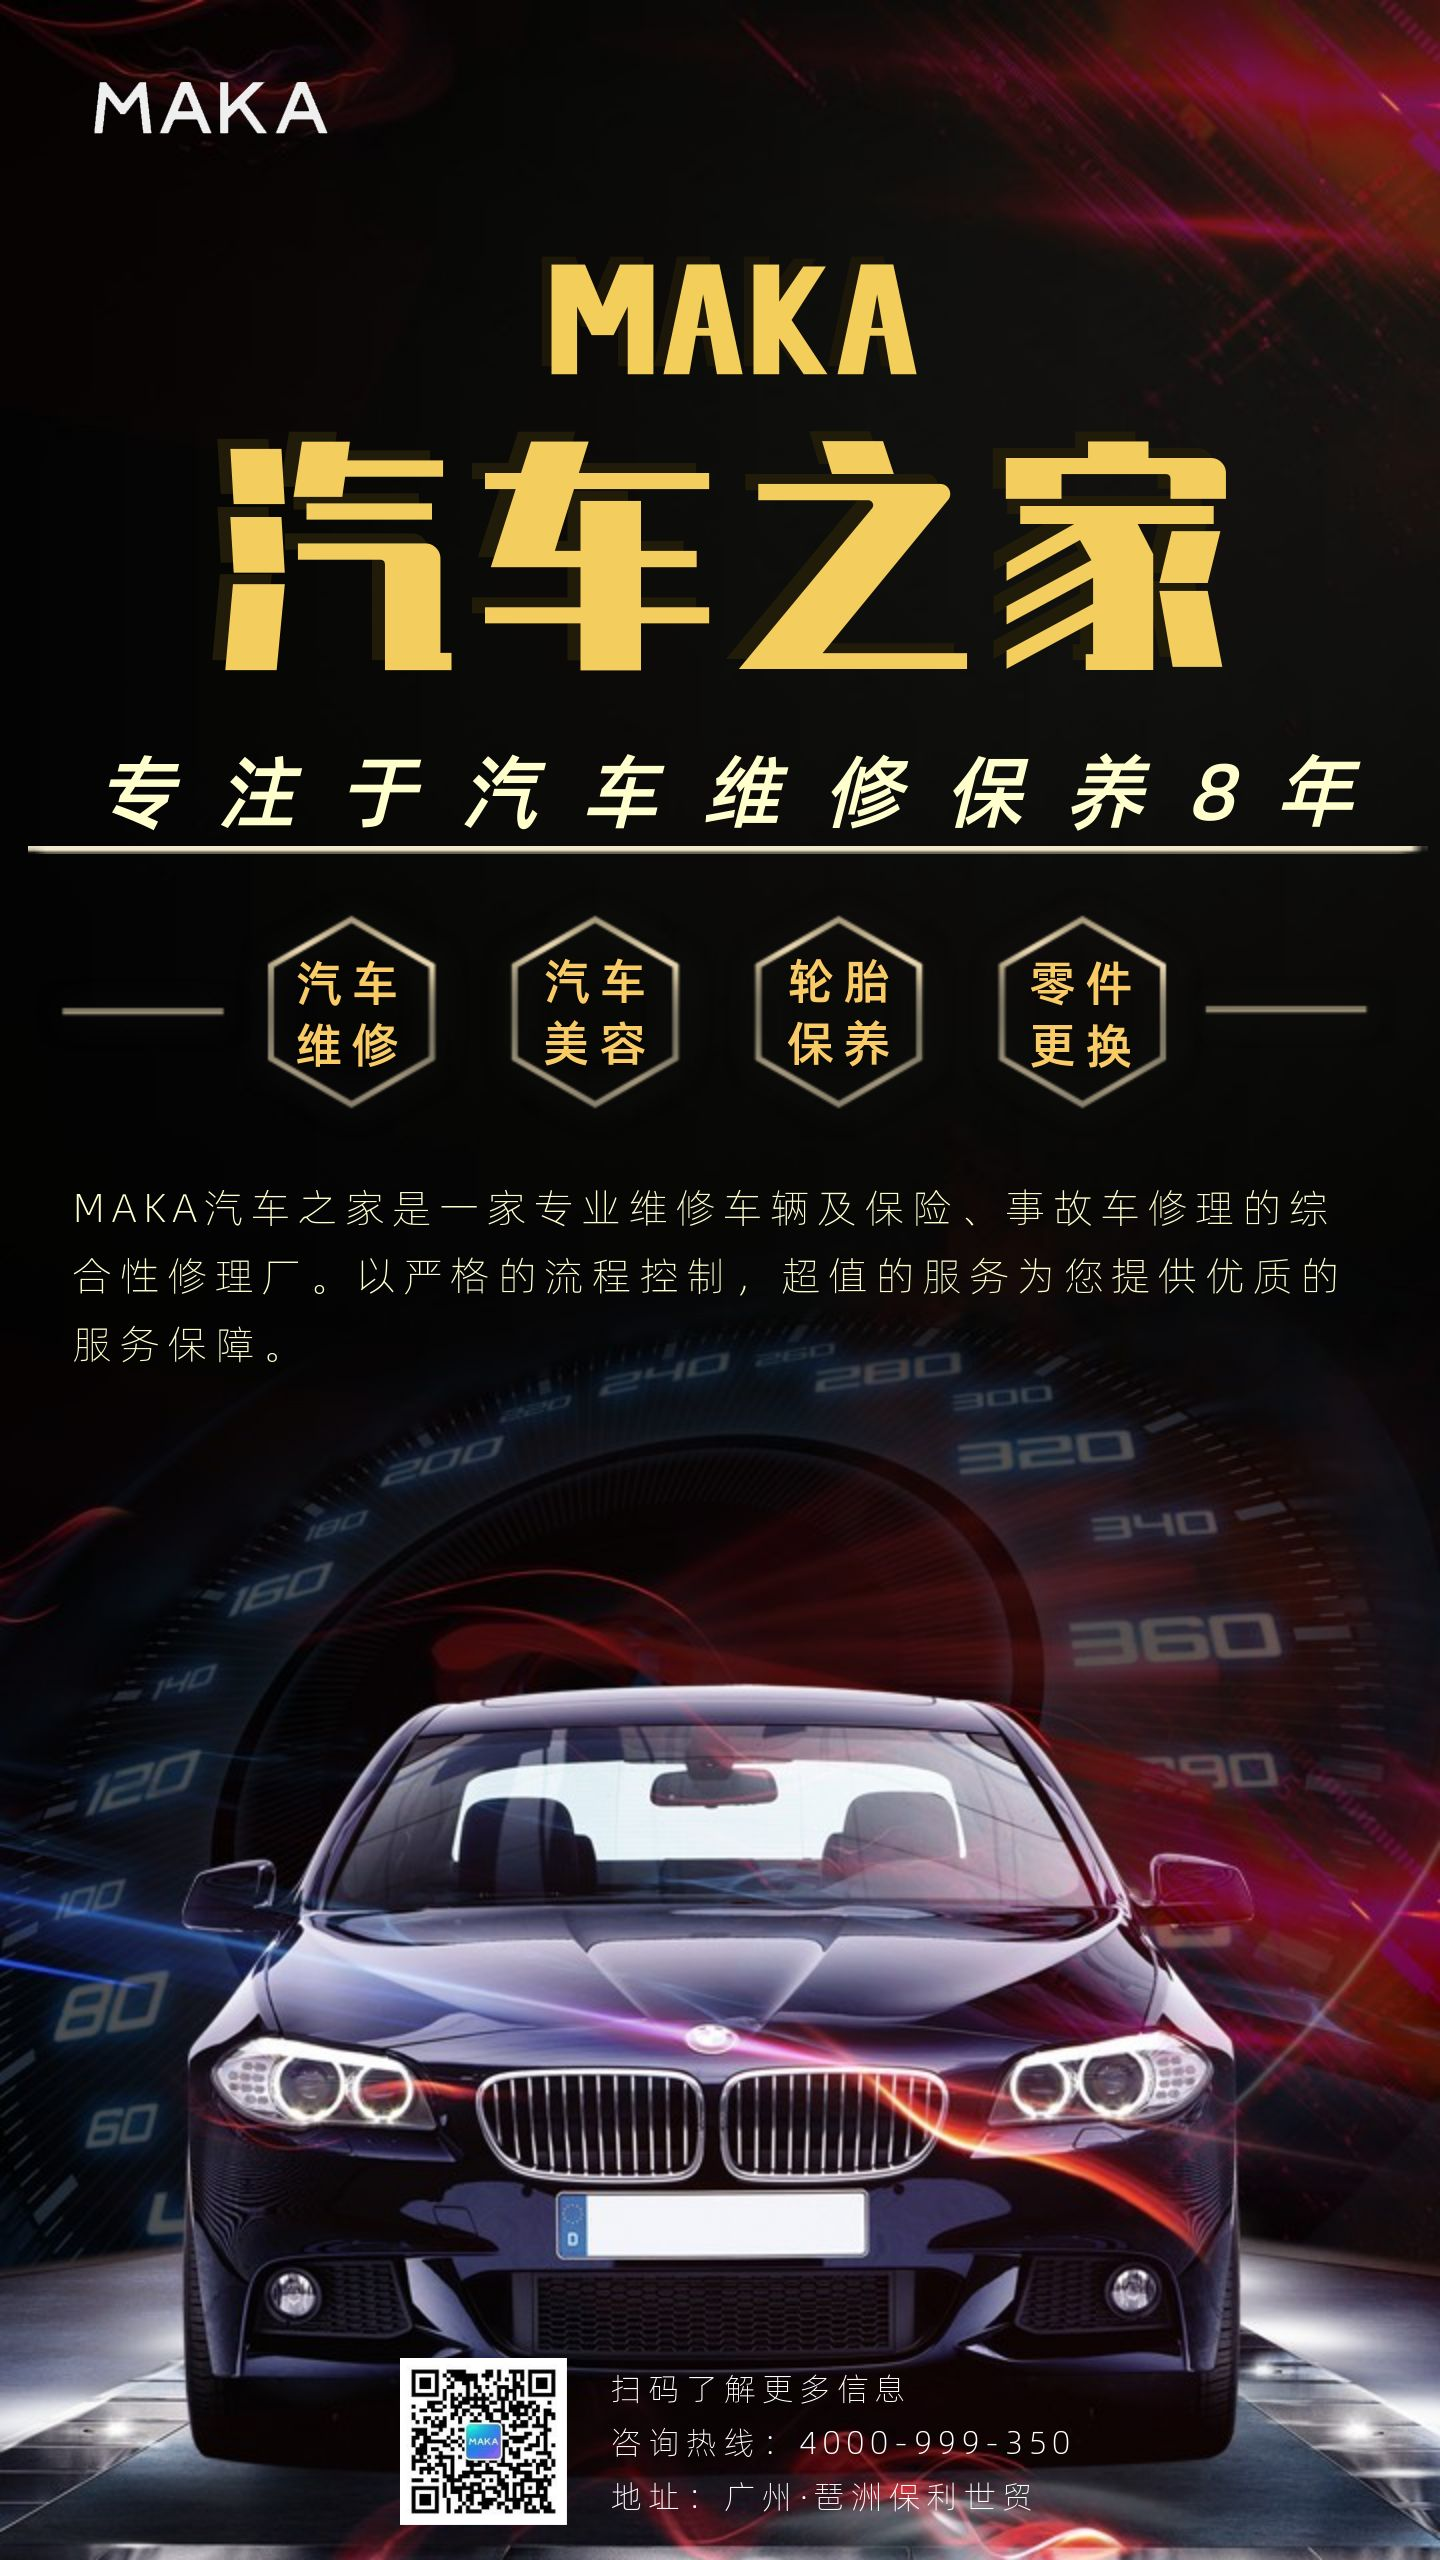 高端大气黑金风格汽车企业宣传海报模板